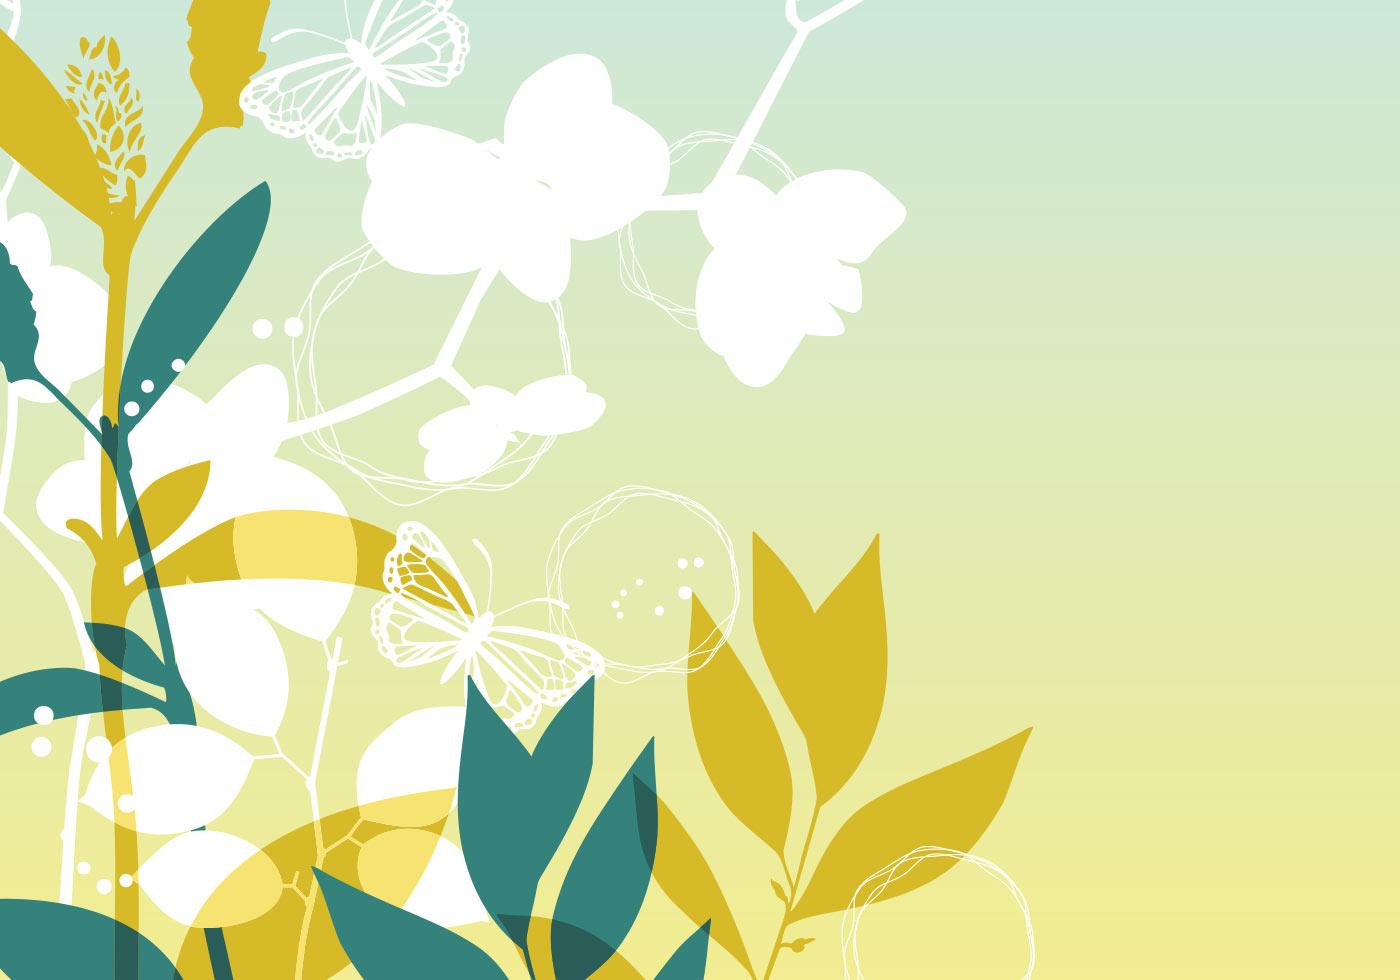 foto de Fond d'écran pour orchidées - Telecharger Vectoriel Gratuit ...